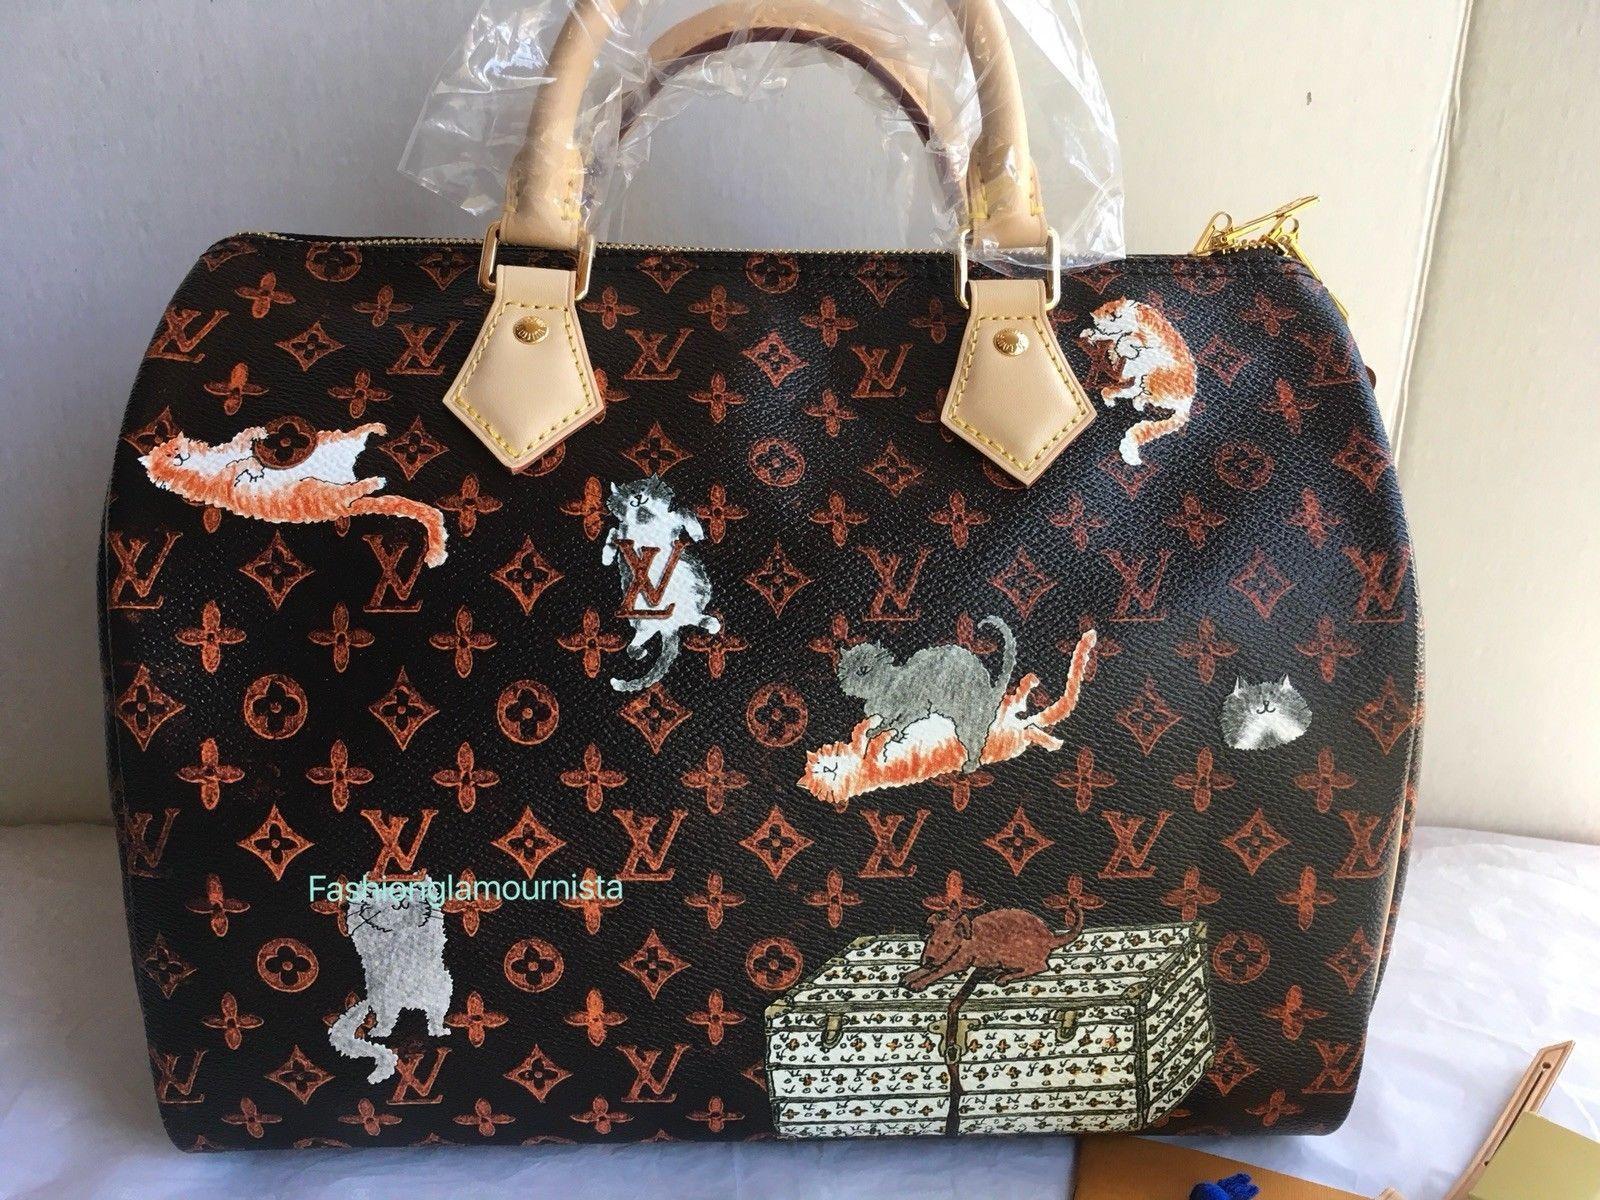 Auth Bnib Louis Vuitton Catogram Speedy Bandouliere 30 Grace Coddington Bag Louis Vuitton Louis Vuitton Speedy Bandouliere Bags